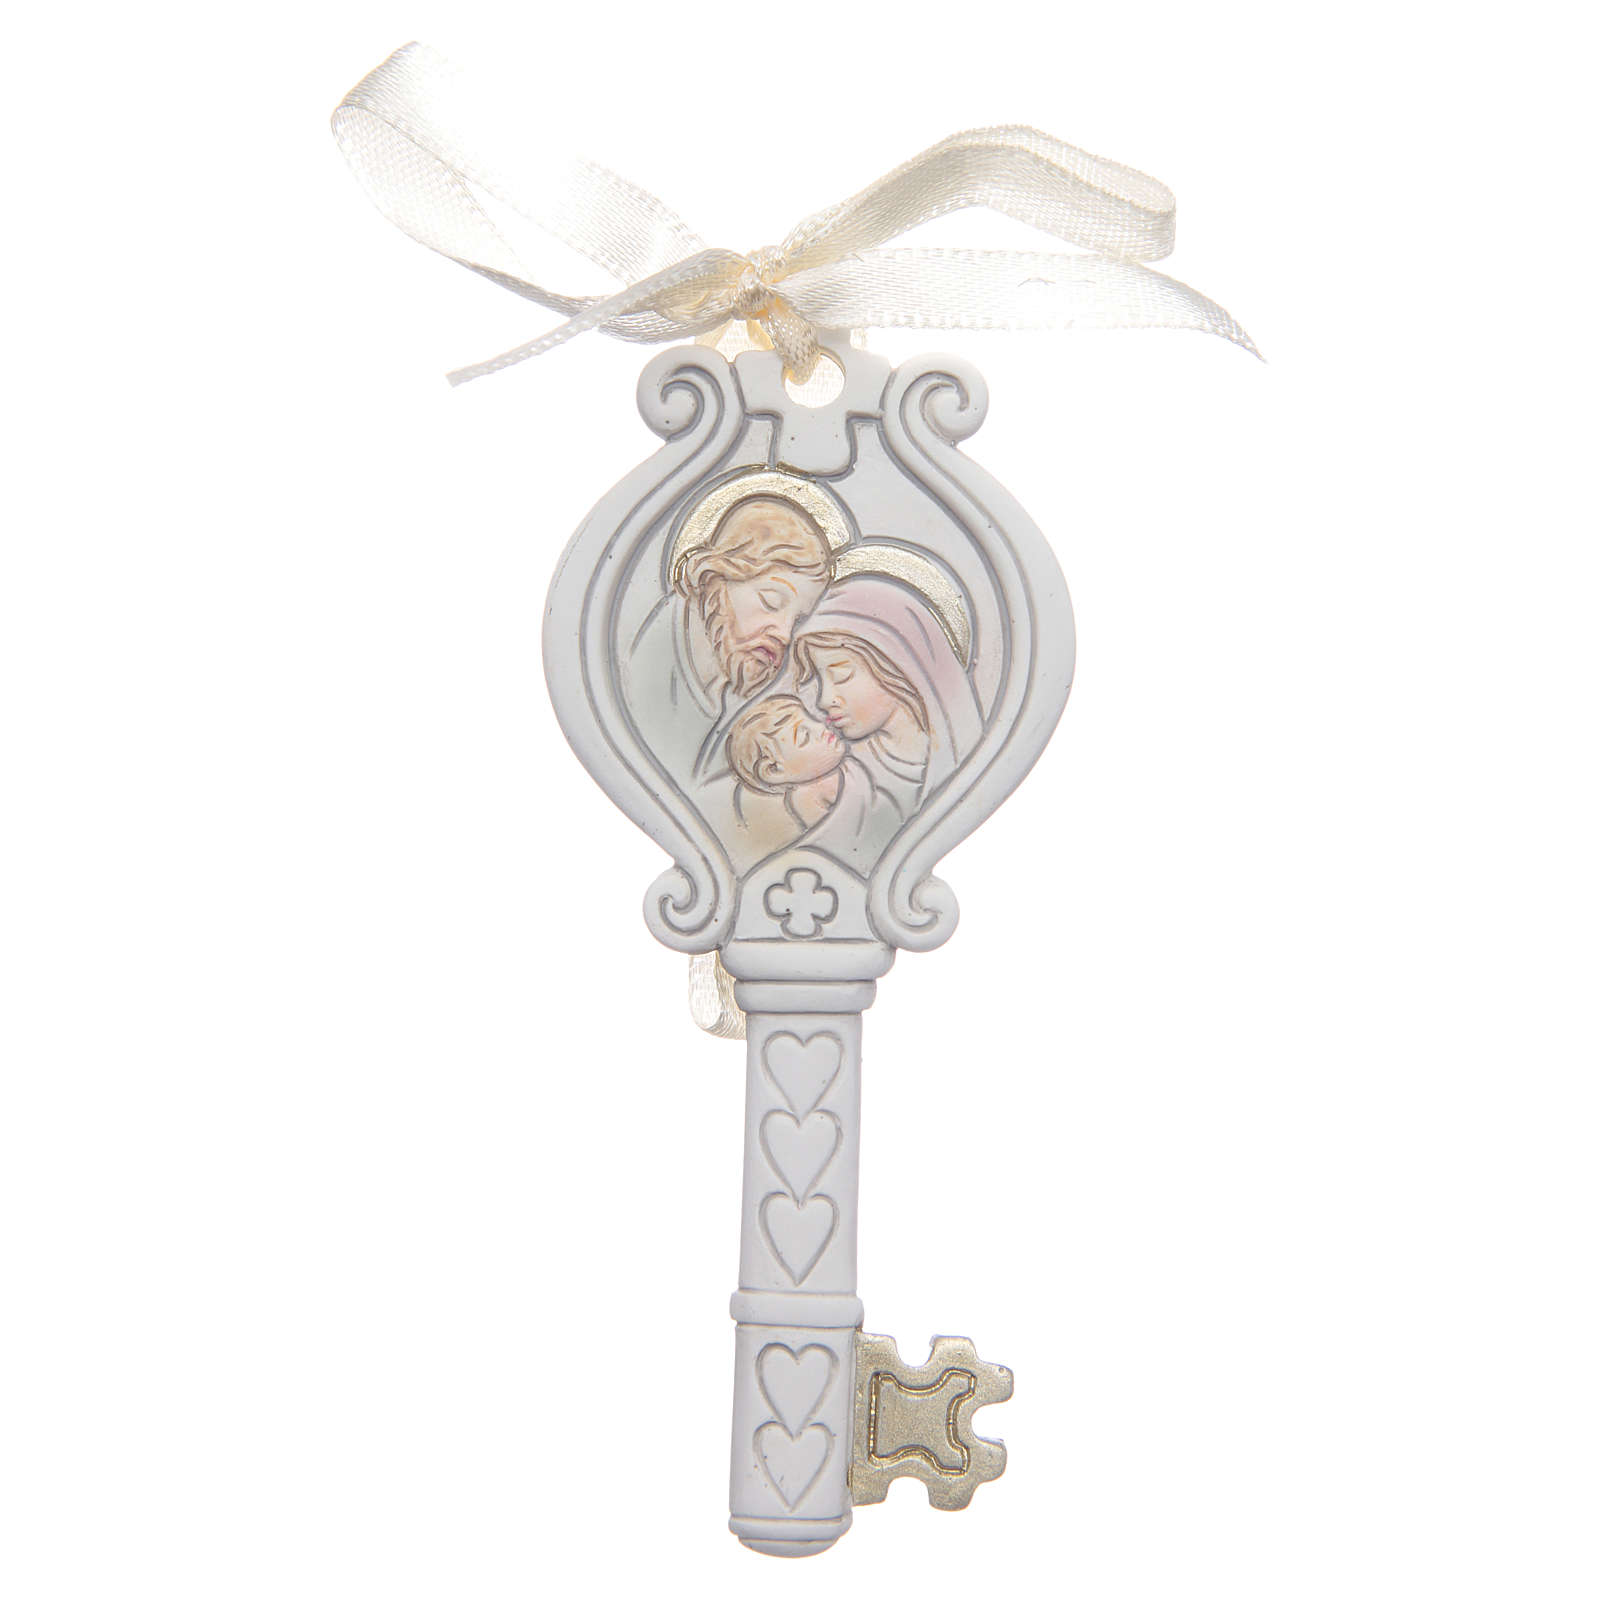 Bonbonnière Mariage clé Sainte Famille 4x9 cm 3